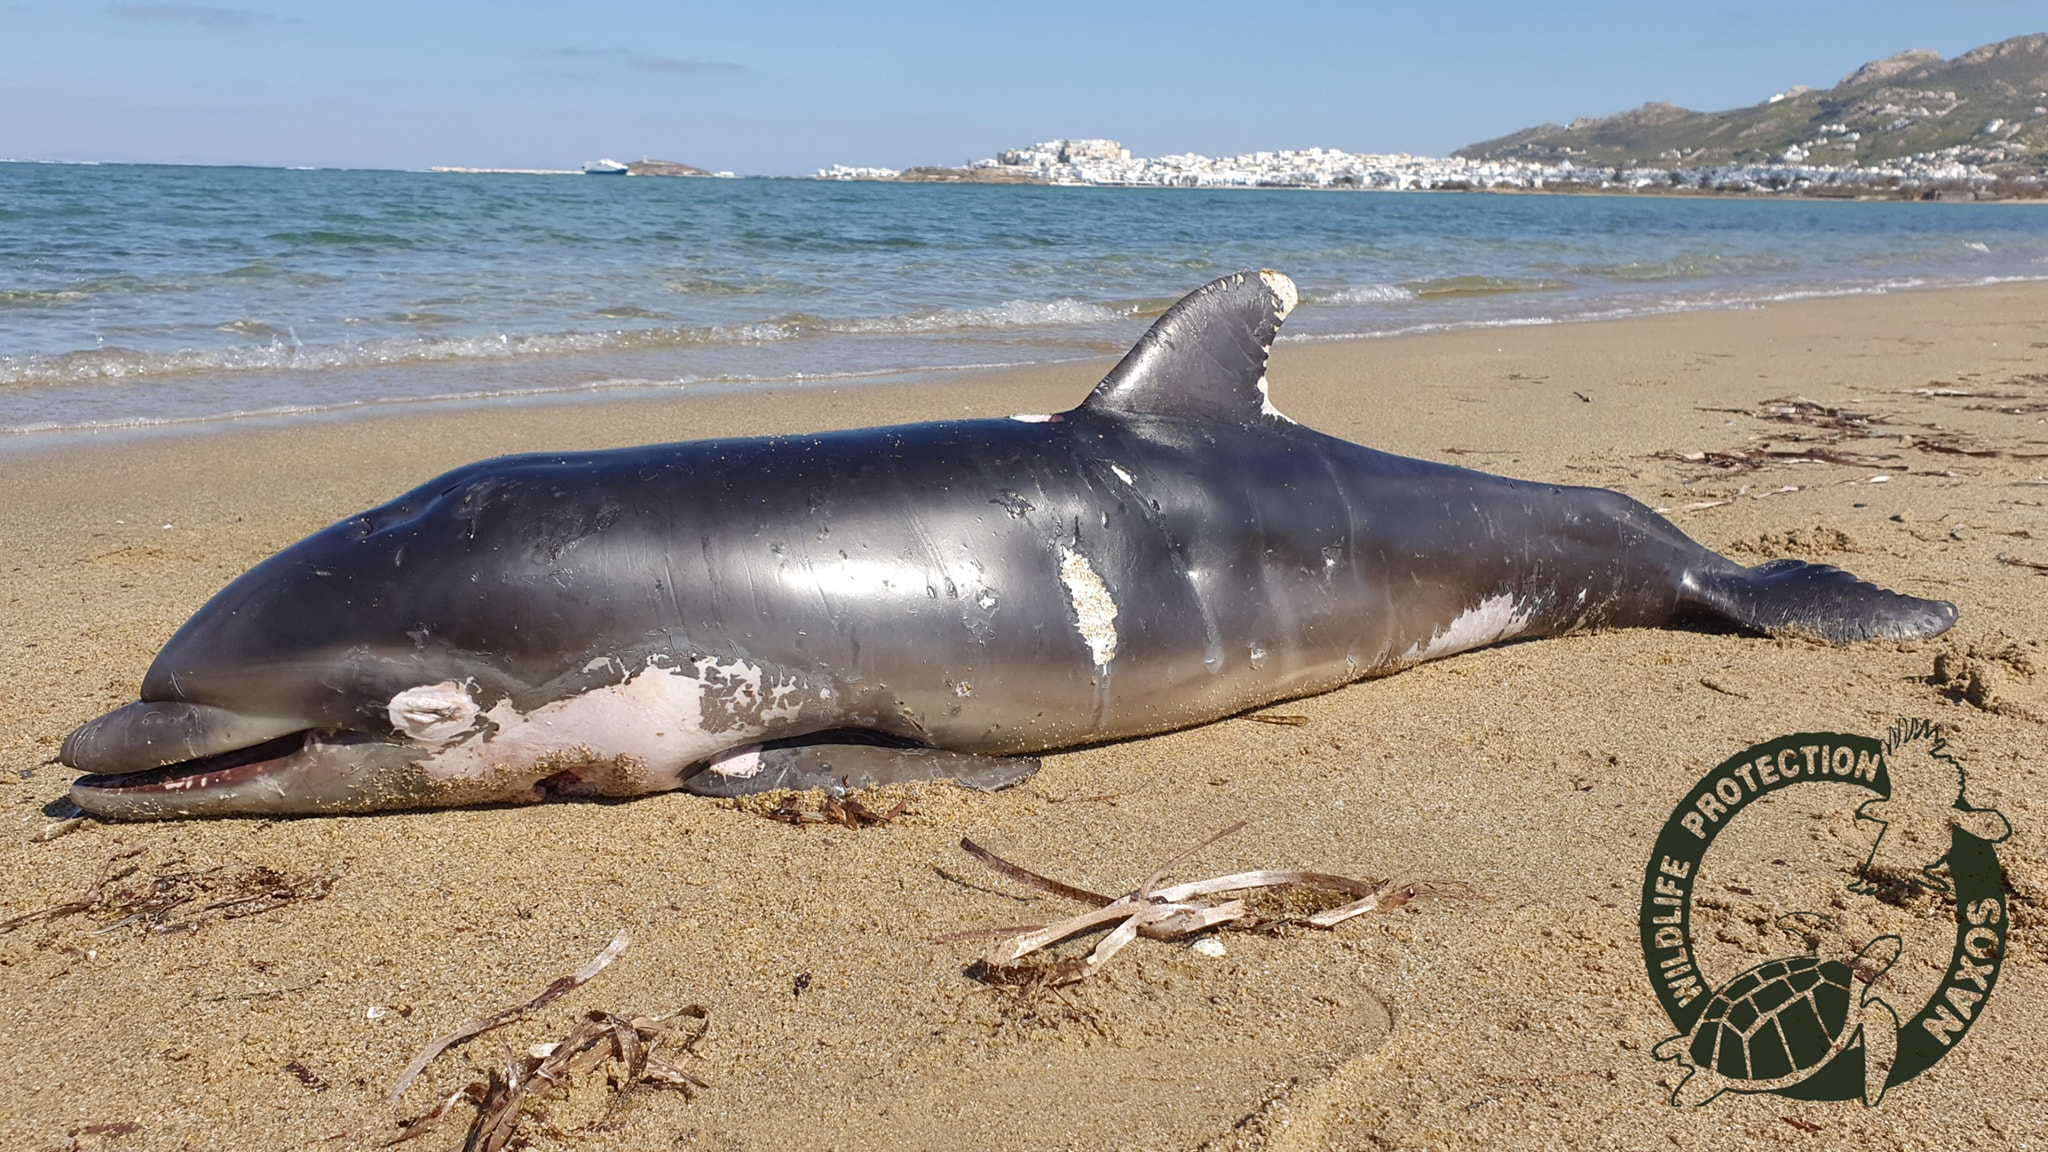 νεκρού δελφινιού